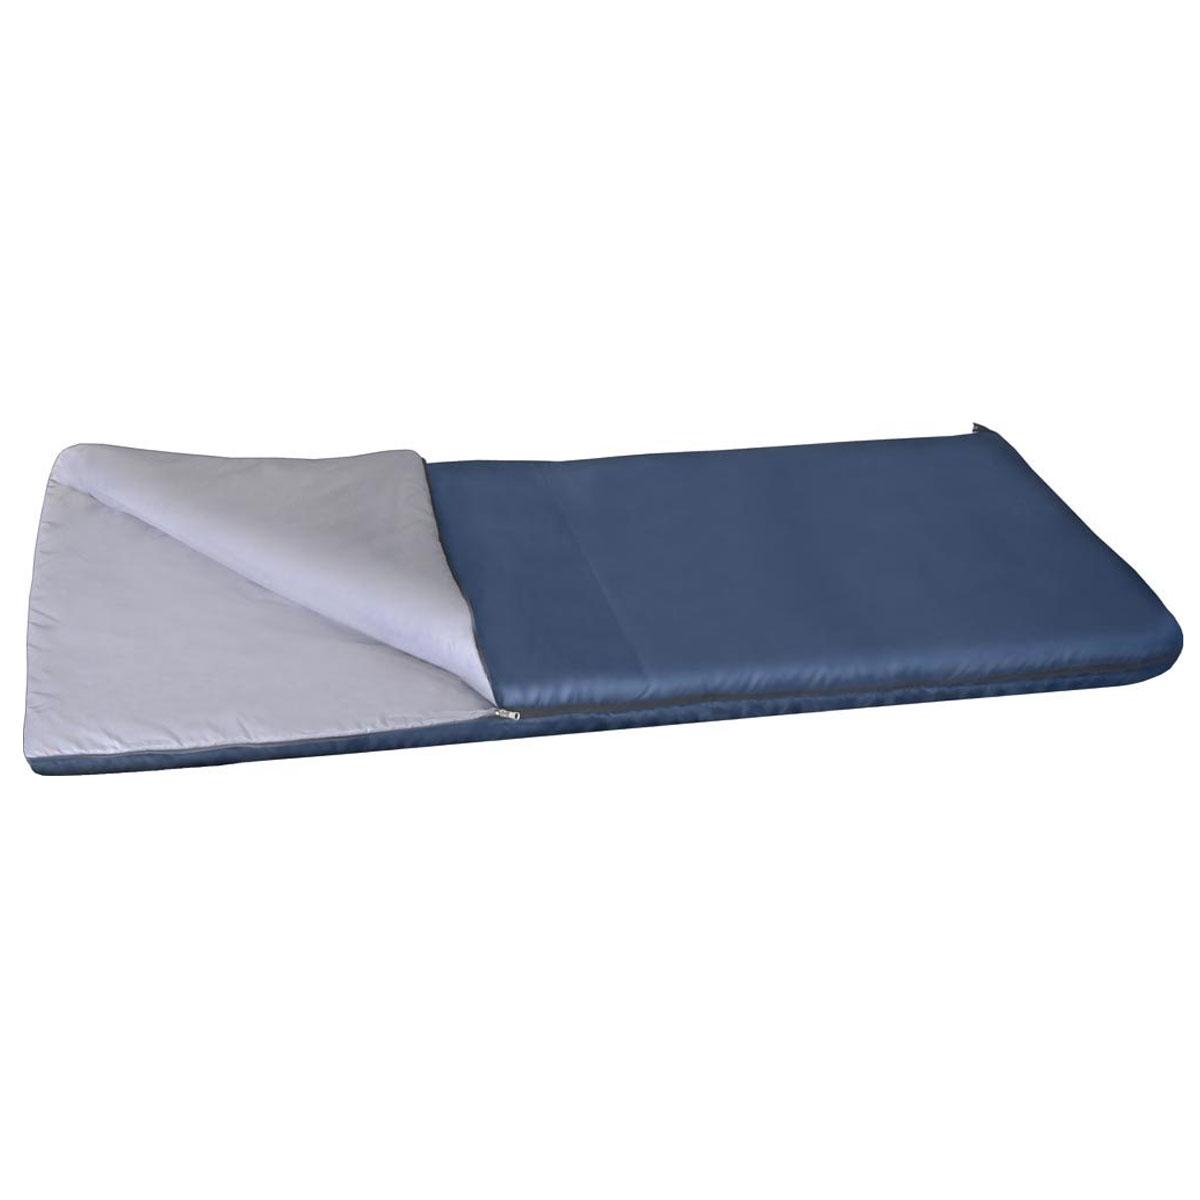 Спальный мешок-одеяло Alaska Одеяло +15 °С, цвет: синий, левосторонняя молния. 95217-405-0095217-405-00Спальный мешок Одеяло +15 - один из самых недорогих, летний спальный мешок для самого экономного туриста. Основное отличие от остальных спальных мешков категории одеяло - это конечно цена! Даже отсутствие в комплекте компрессионного мешка обусловлено исключительно стремлением сделать цену спальника для комфортного отдыха на природе максимально доступной. Несмотря на низкую стоимость, спальный мешок Одеяло +15 отвечает всем требованиям к современным спальникам, обеспечивает достойный, комфортный отдых и максимальную простоту в обслуживании. Материал известного утеплителя Холлофайбер проверен многолетним опытом эксплуатации спальников более ранних моделей. Спальный мешок Одеяло +15 - это дежурный спальник для дачи, его можно постоянно возить в багажнике авто на всякий пожарный случай, можно укрыть нежданных гостей расстегнув спальник и превратив его в полноценное одеяло. Вывод: спальник Одеяло +15 - простой, надежный, дешевый спальный мешок на все случаи жизни. ...